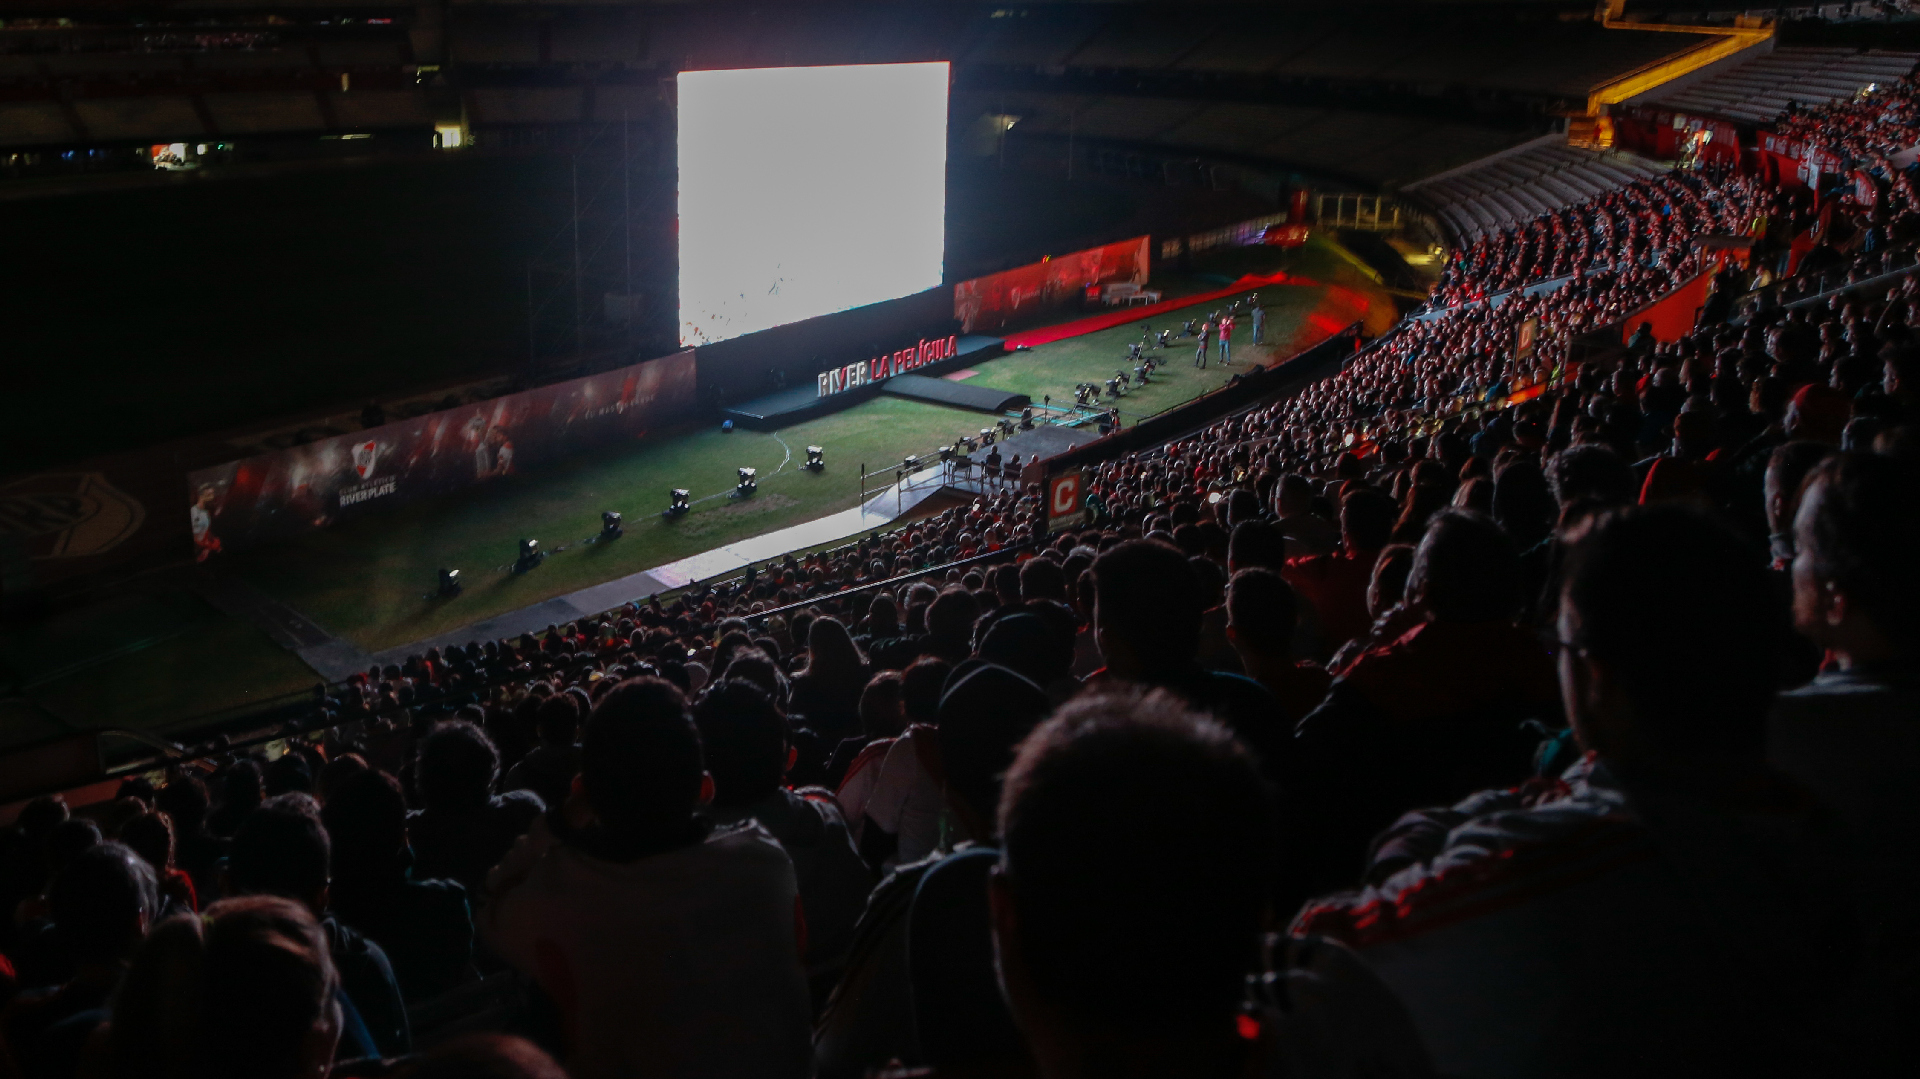 Los 4.000 presentes vibran con la película en el mismo estadio en el que cosecharon emociones gracias a River